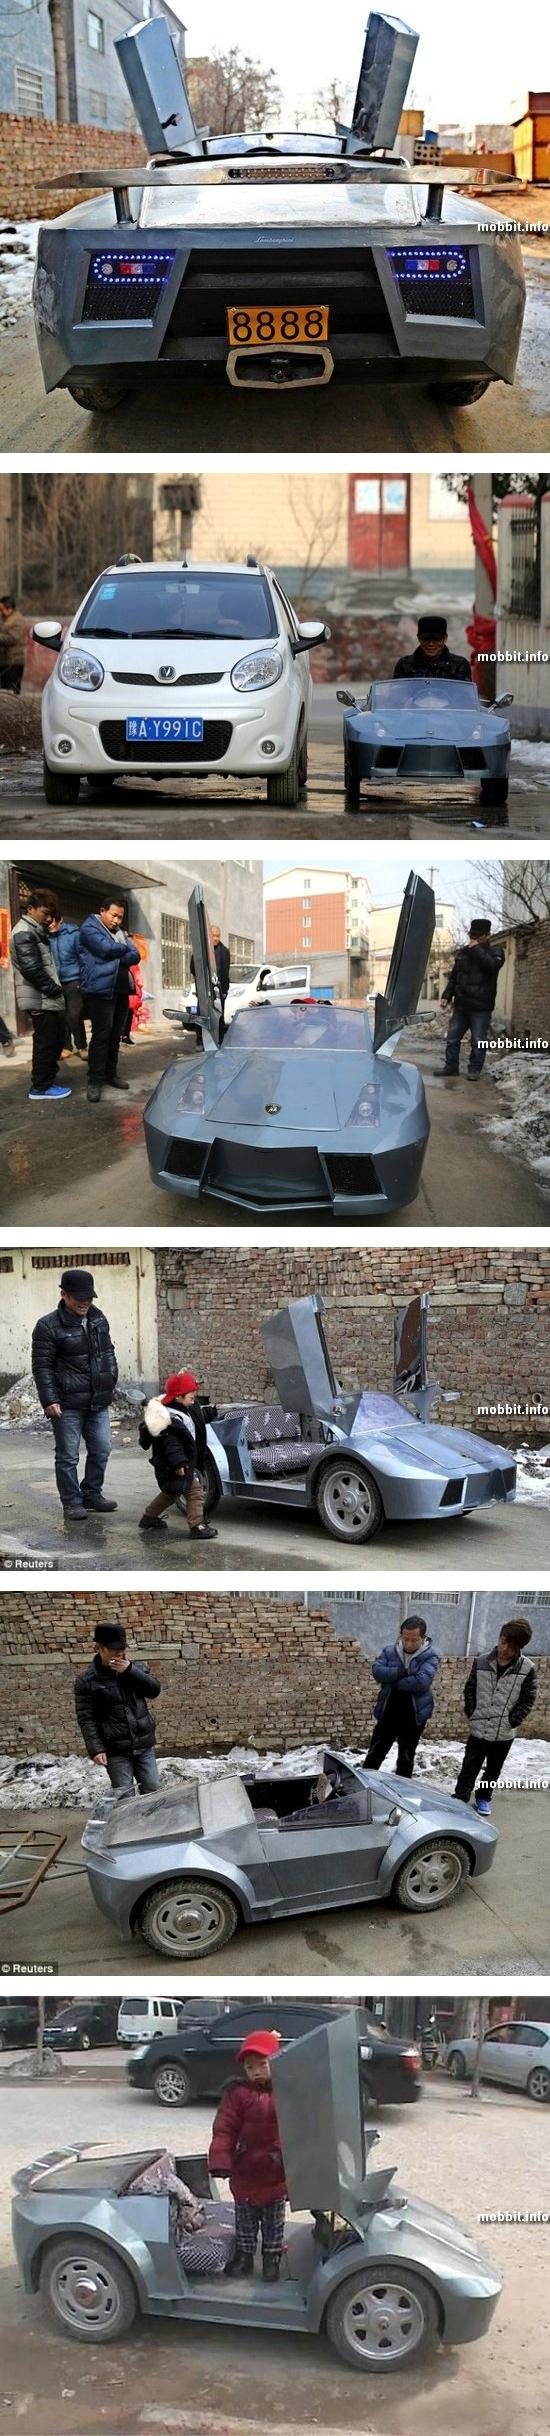 Электрическая мини-копия спорткара Lamborghini